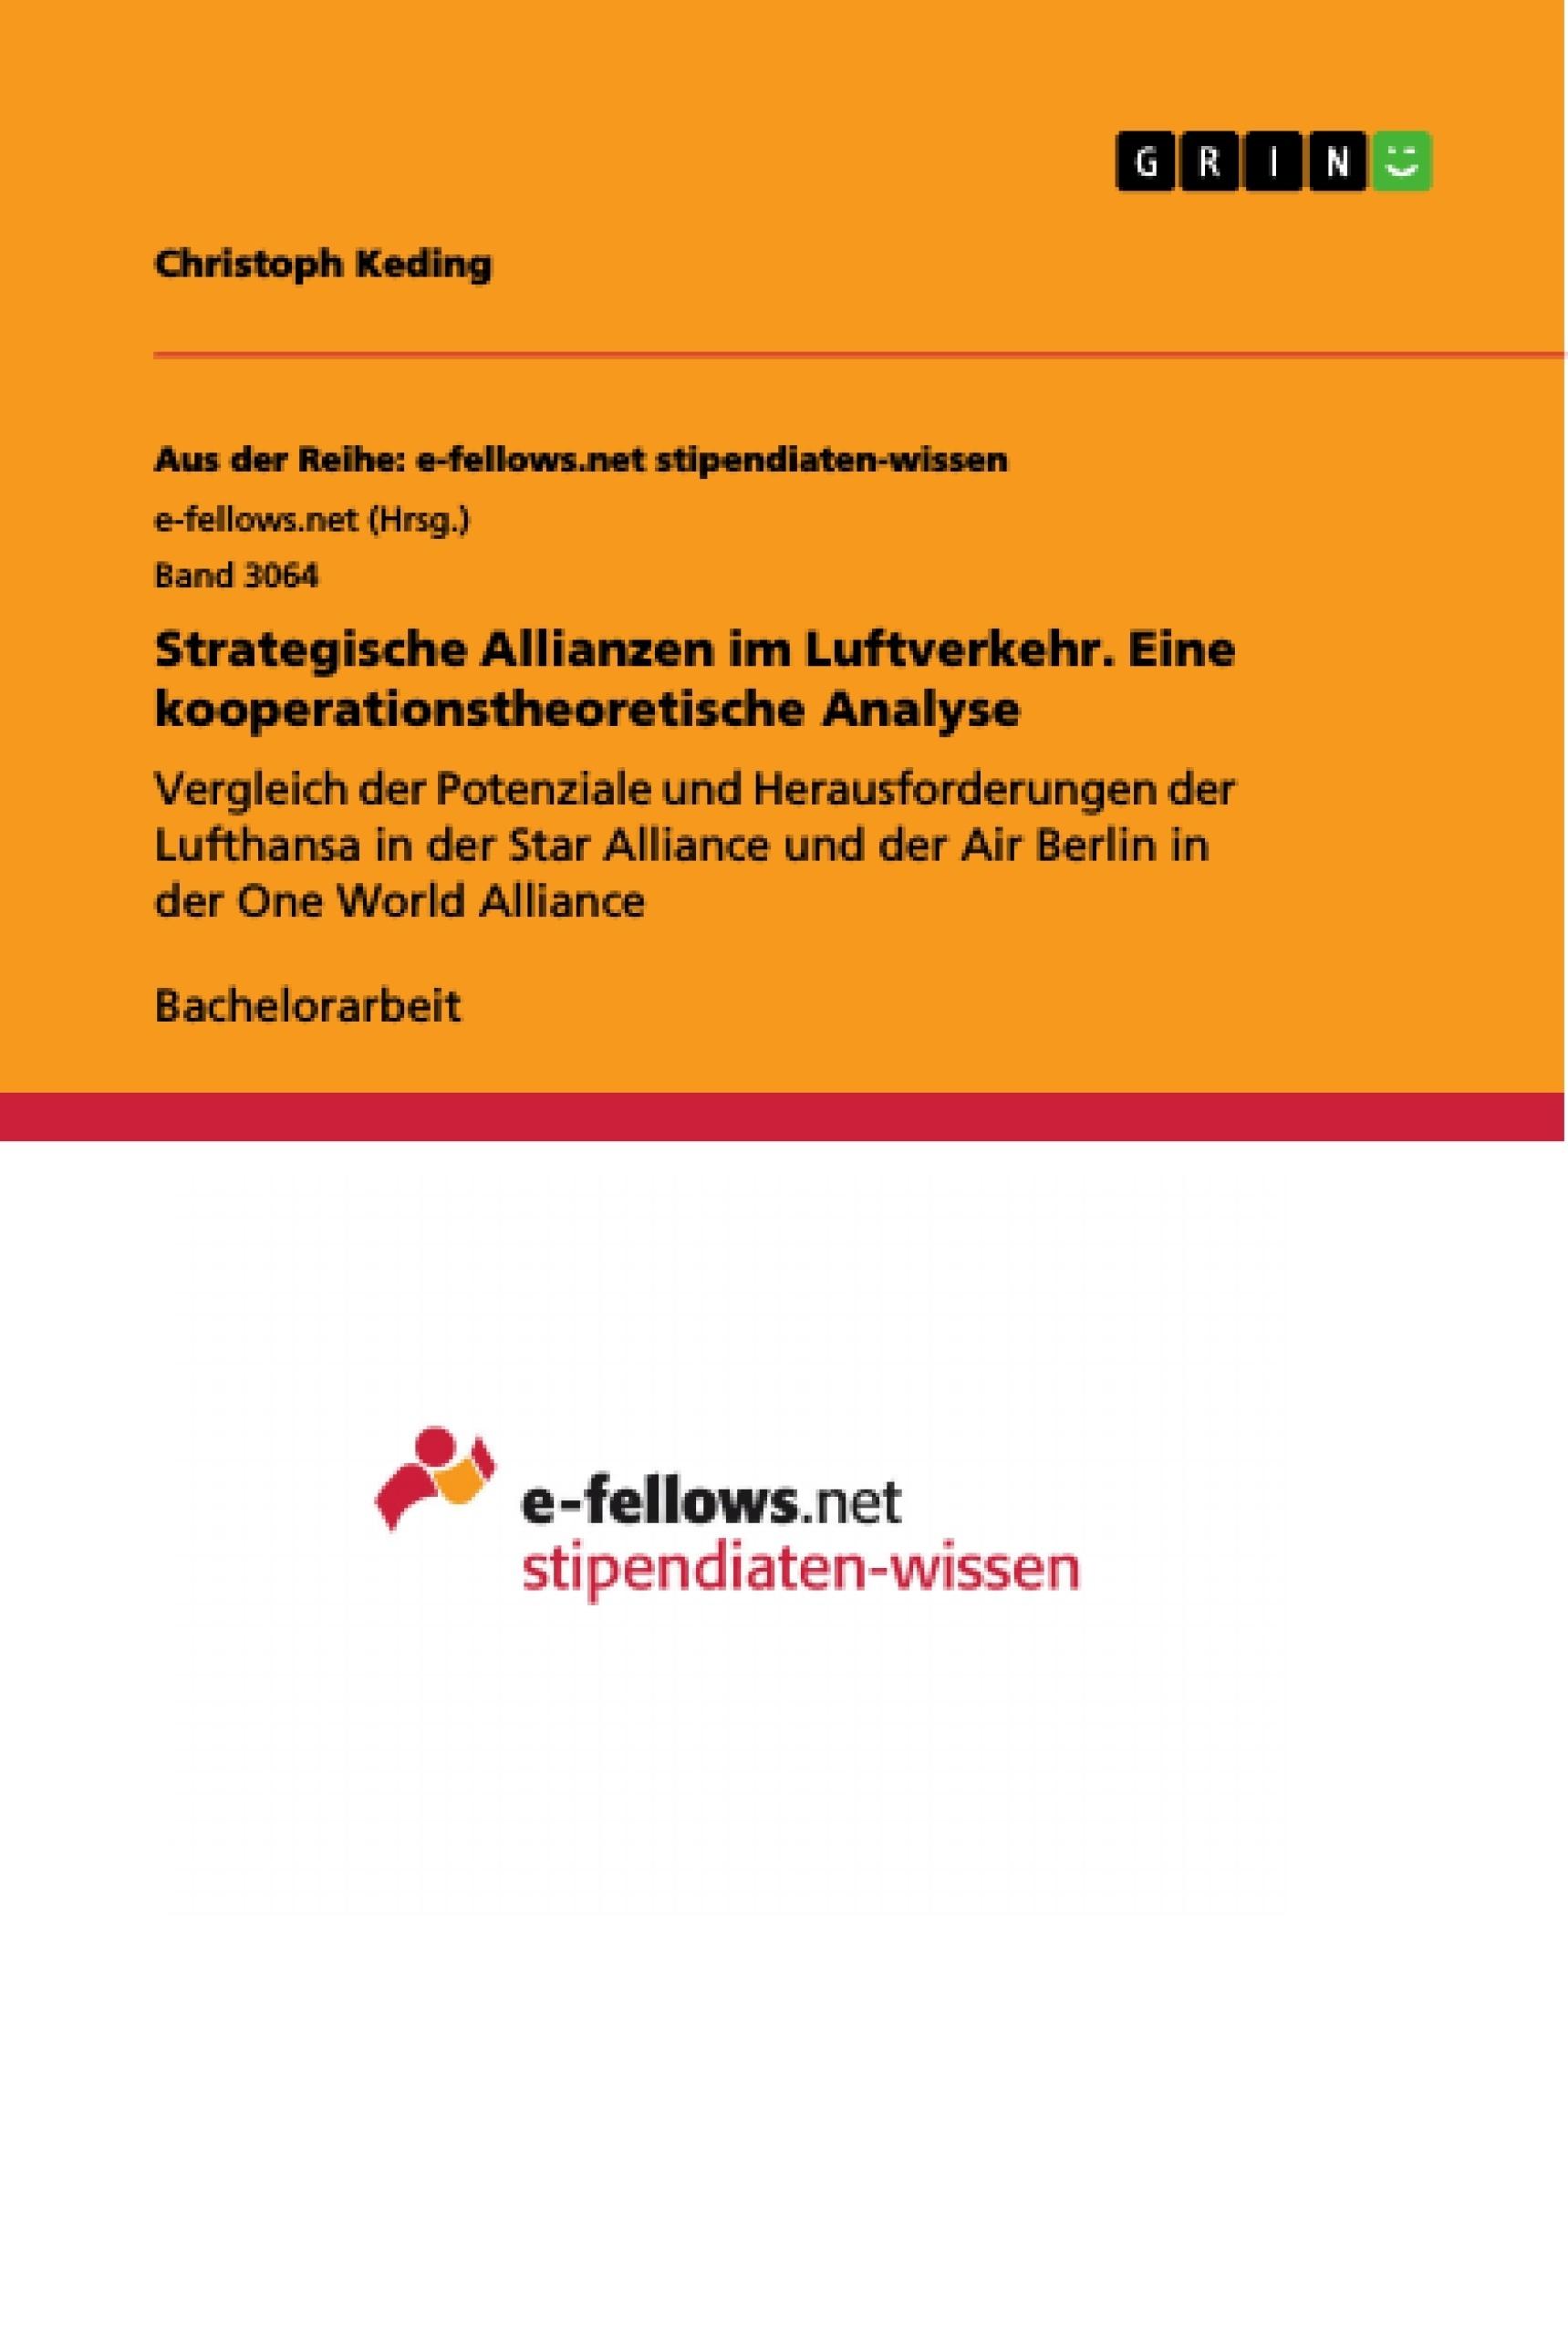 Titel: Strategische Allianzen im Luftverkehr. Eine kooperationstheoretische Analyse